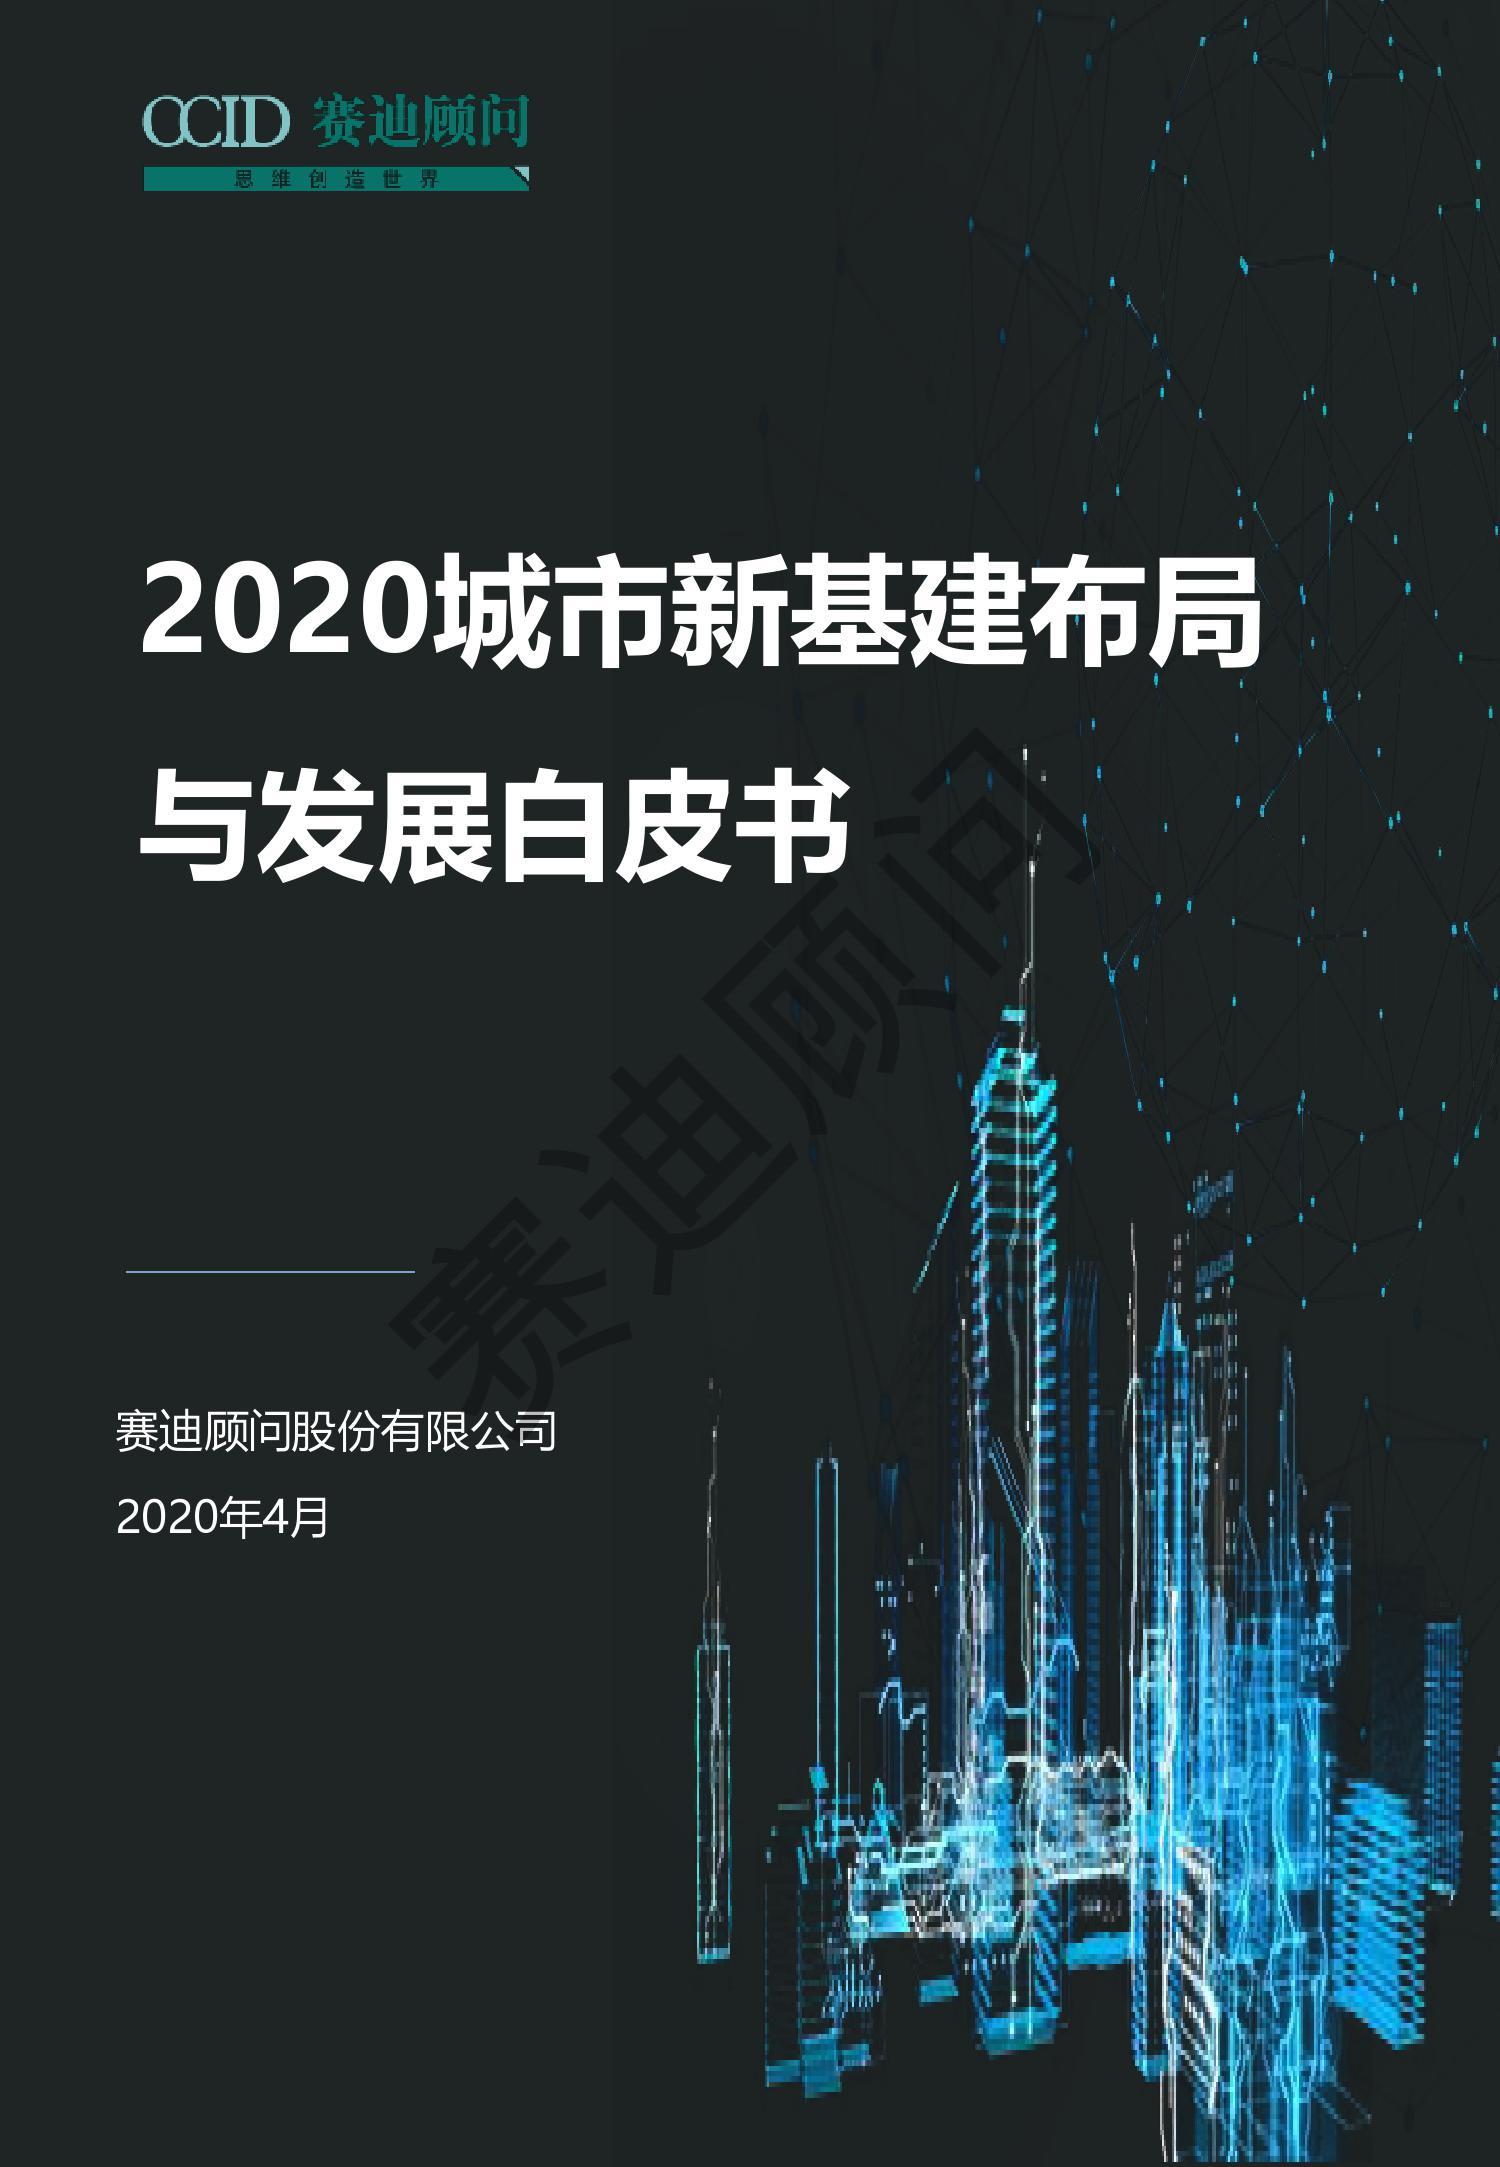 赛迪顾问:2020城市新基建布局与发展白皮书